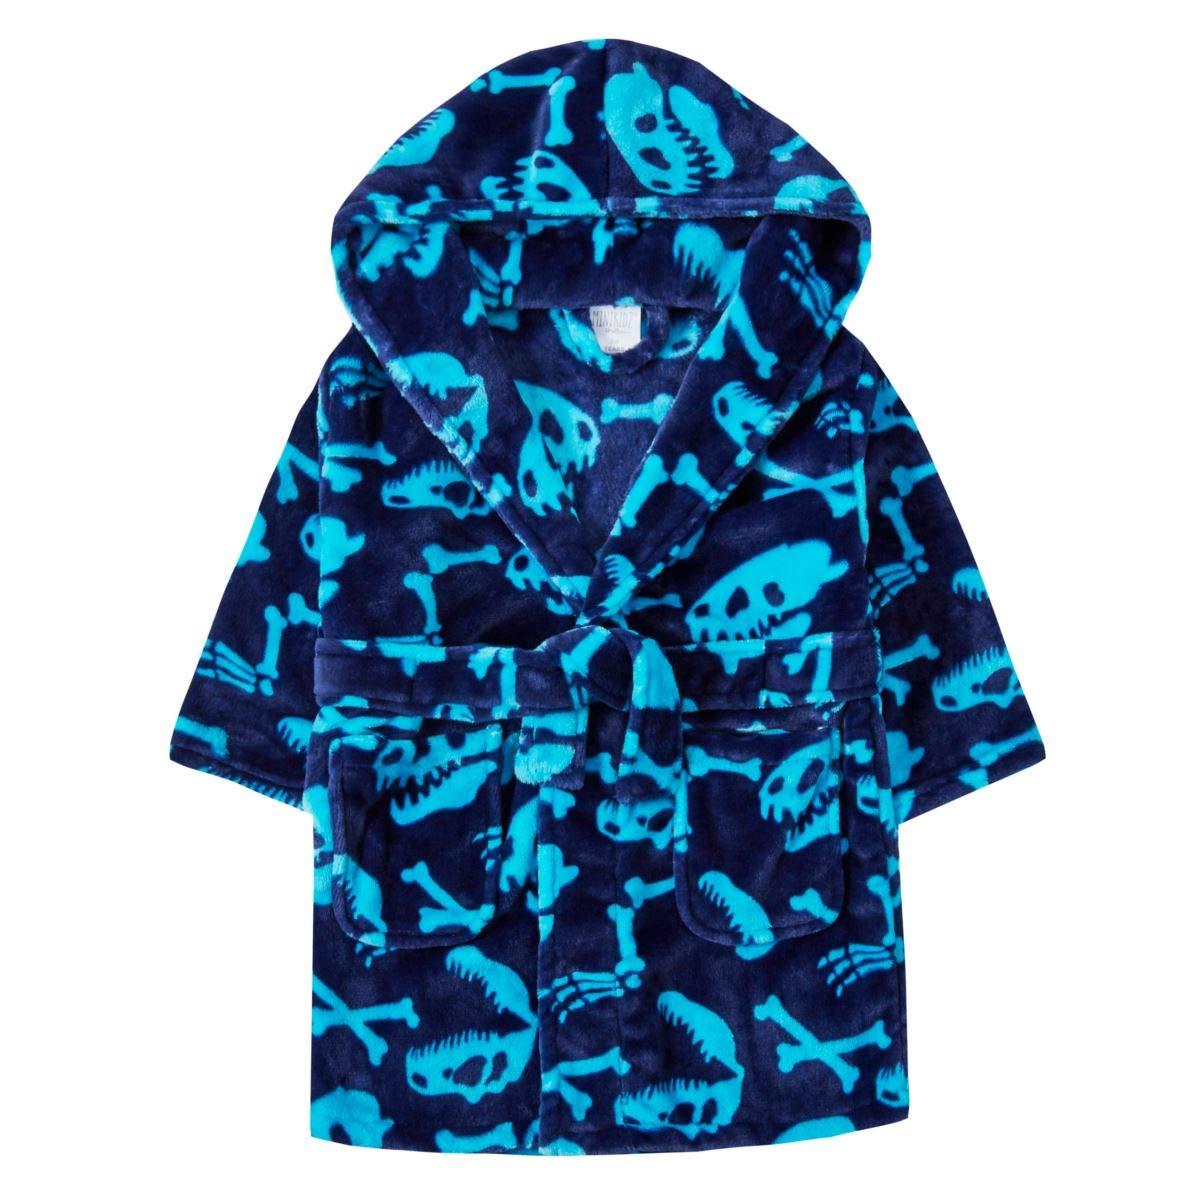 Style It Up Accappatoio per Bambini in Morbido Pile Felpato//Accappatoio Idea Regalo